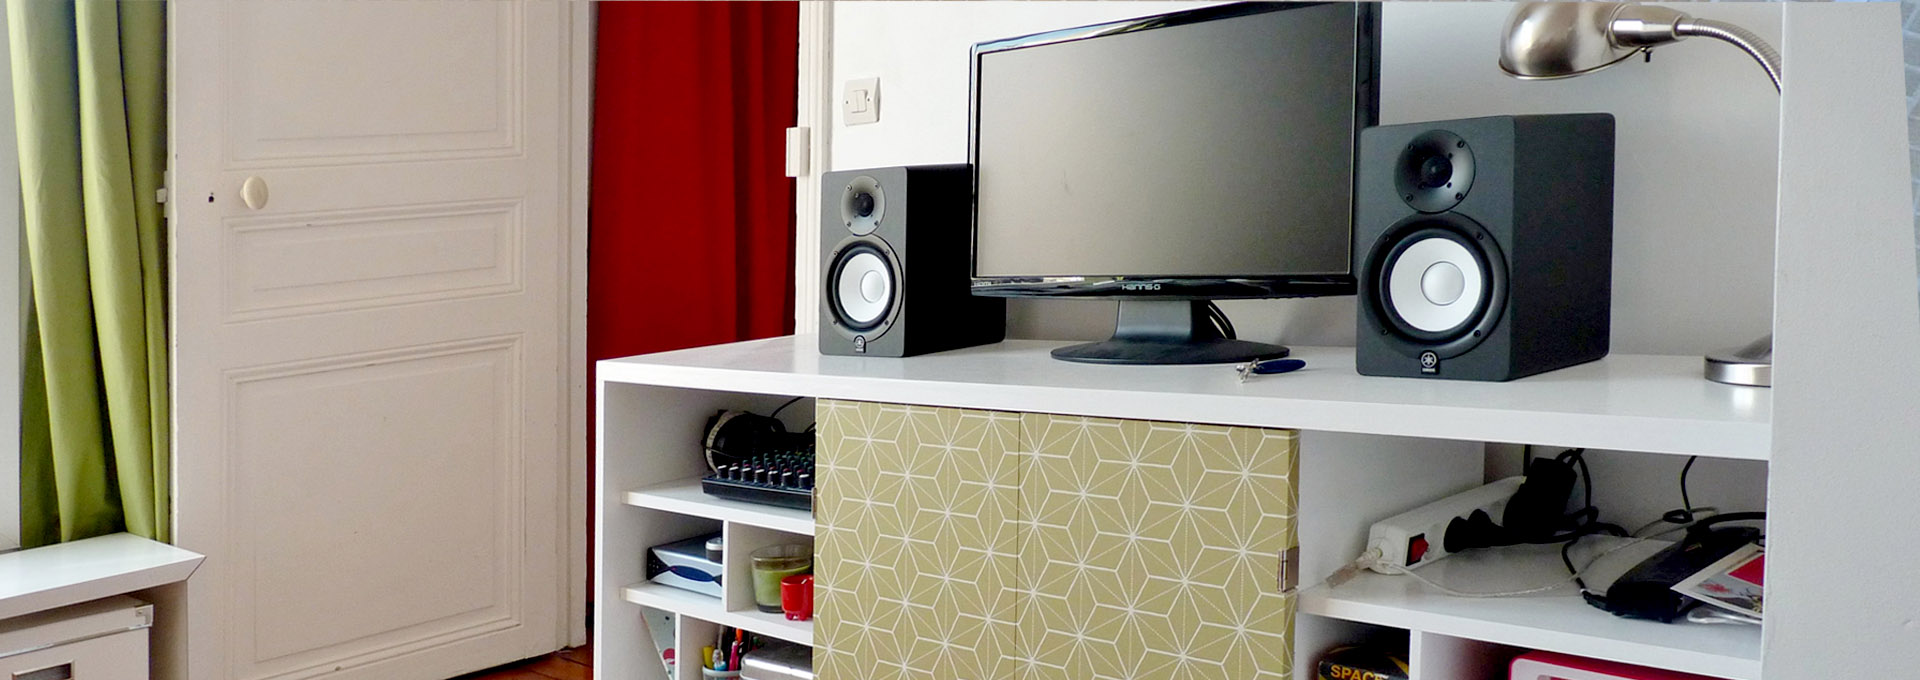 architecte interieur decoration chine bureau integre meuble tv agence avous